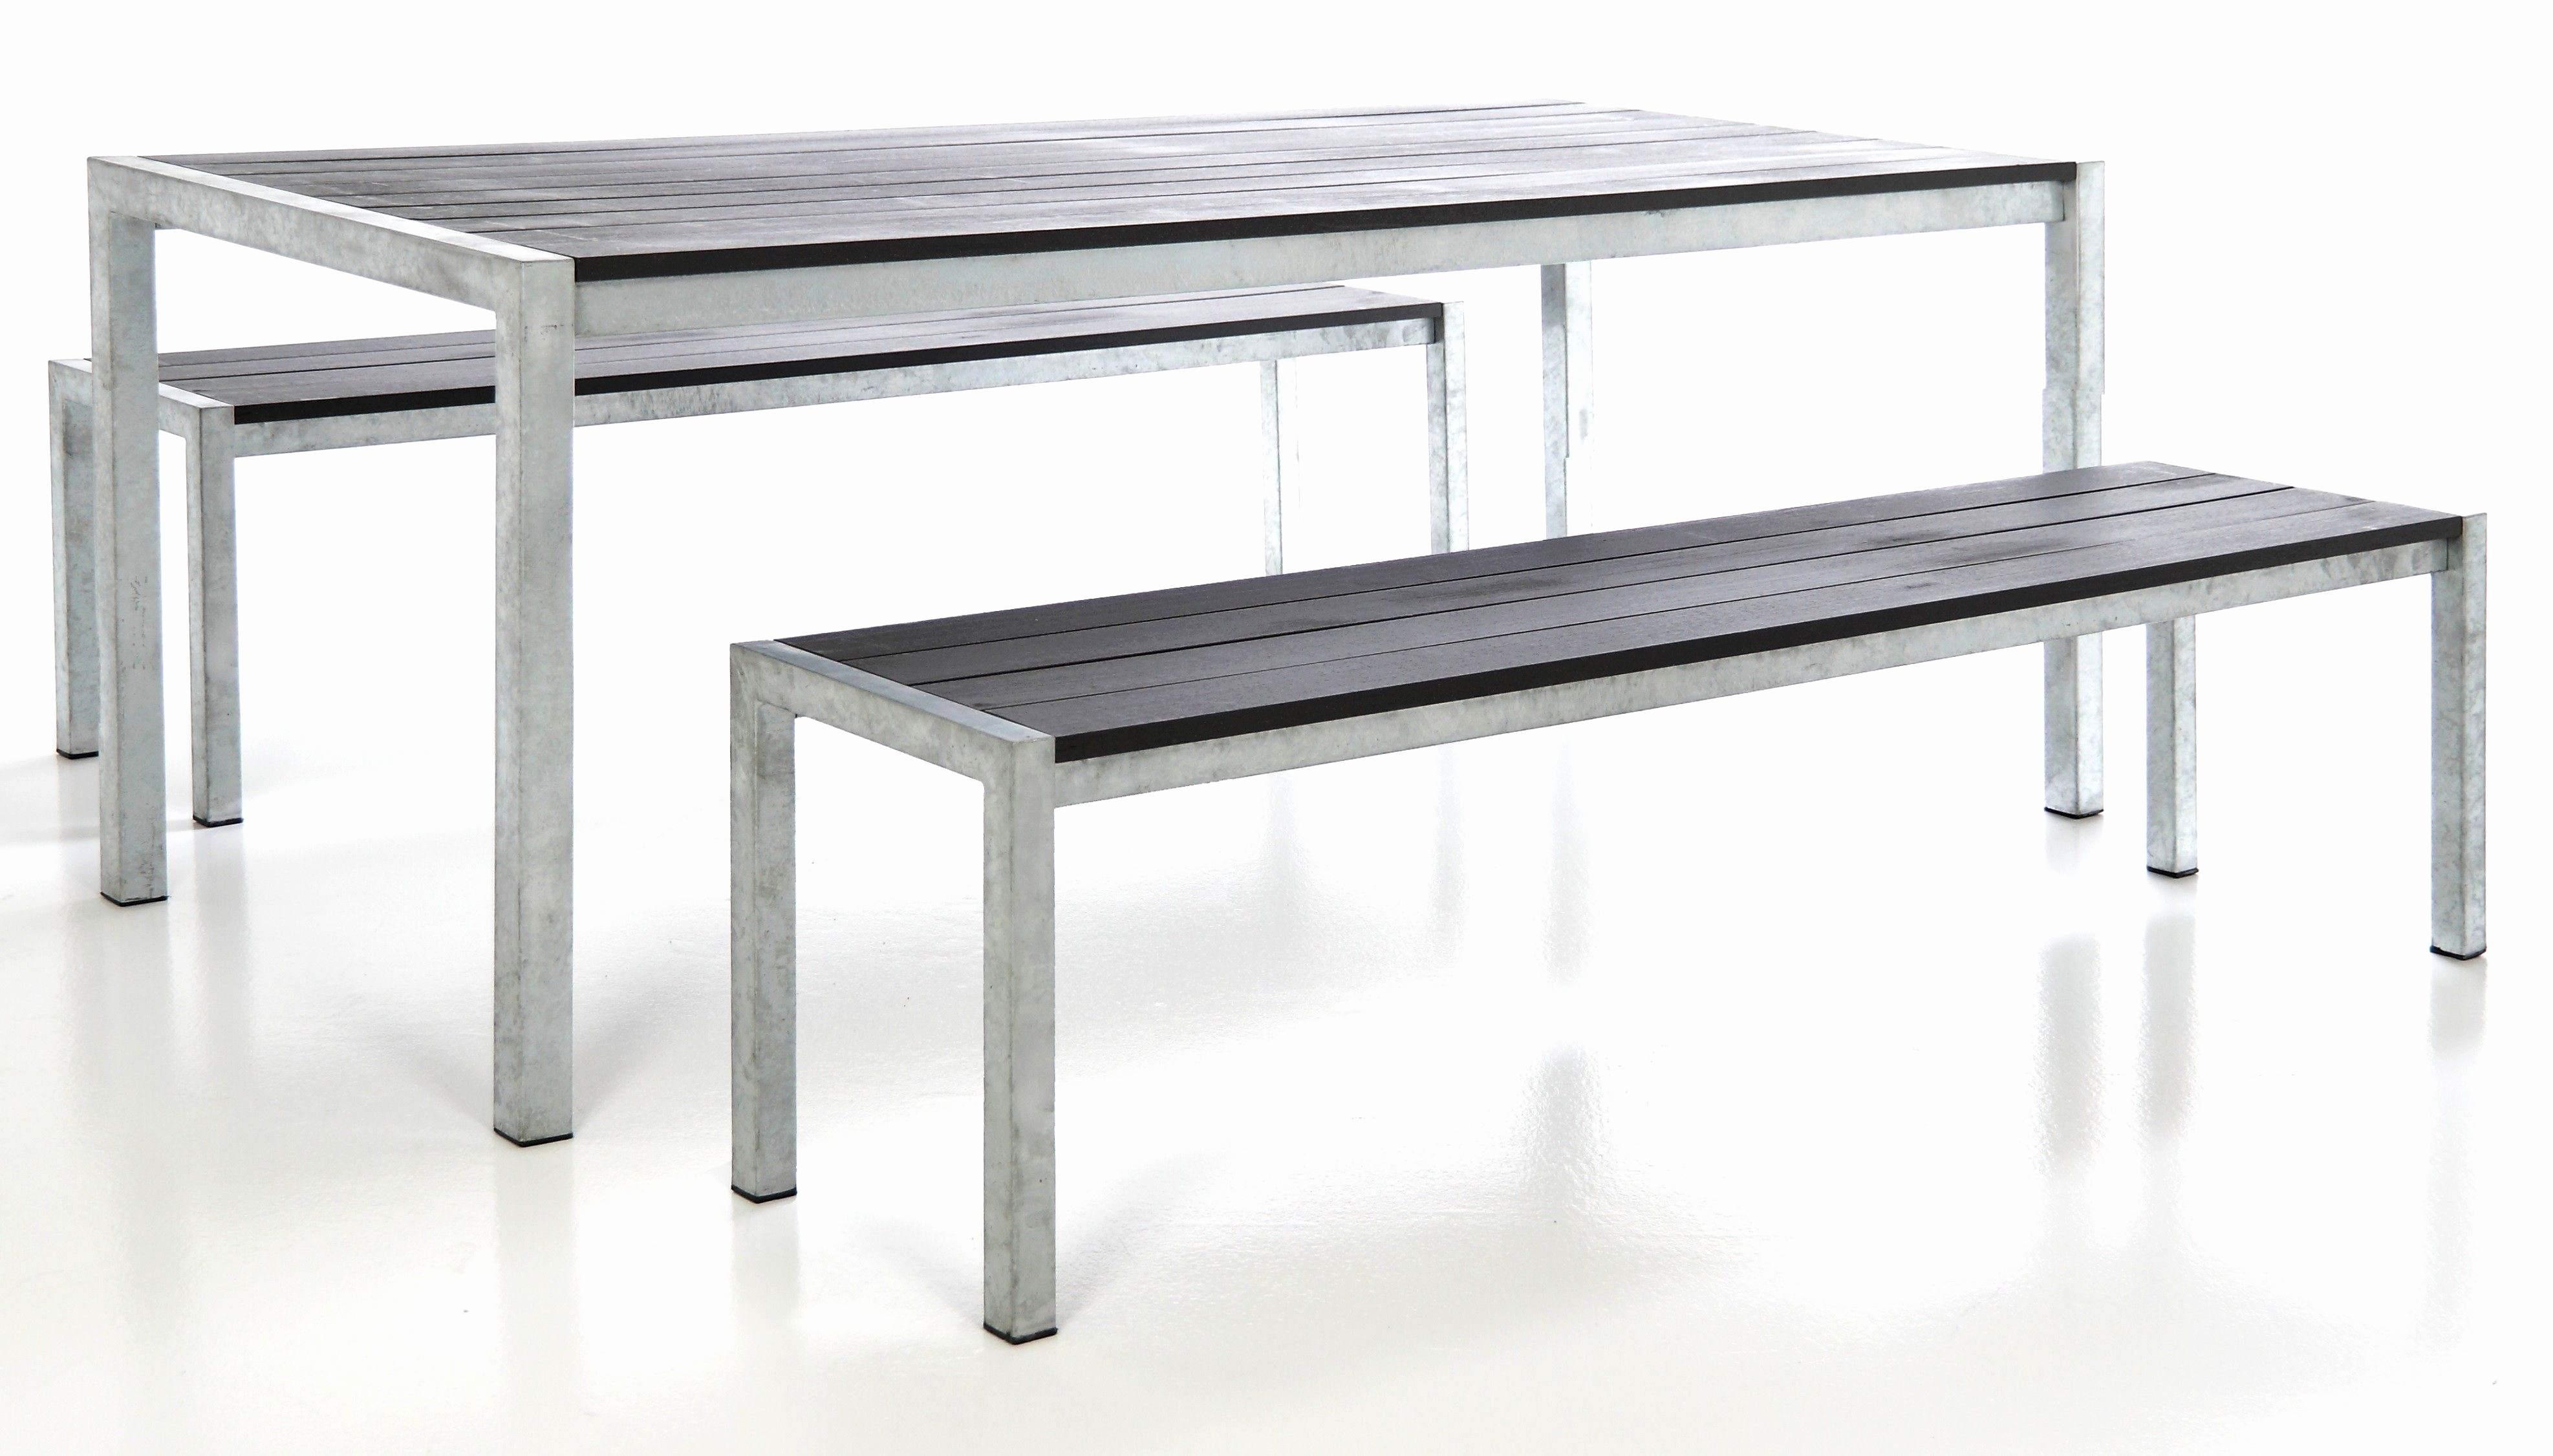 Table De Ping Pong Leclerc Meilleur De Photographie Table De Jardin Bois Impressionnant Cr¨me Extérieur Pointe De